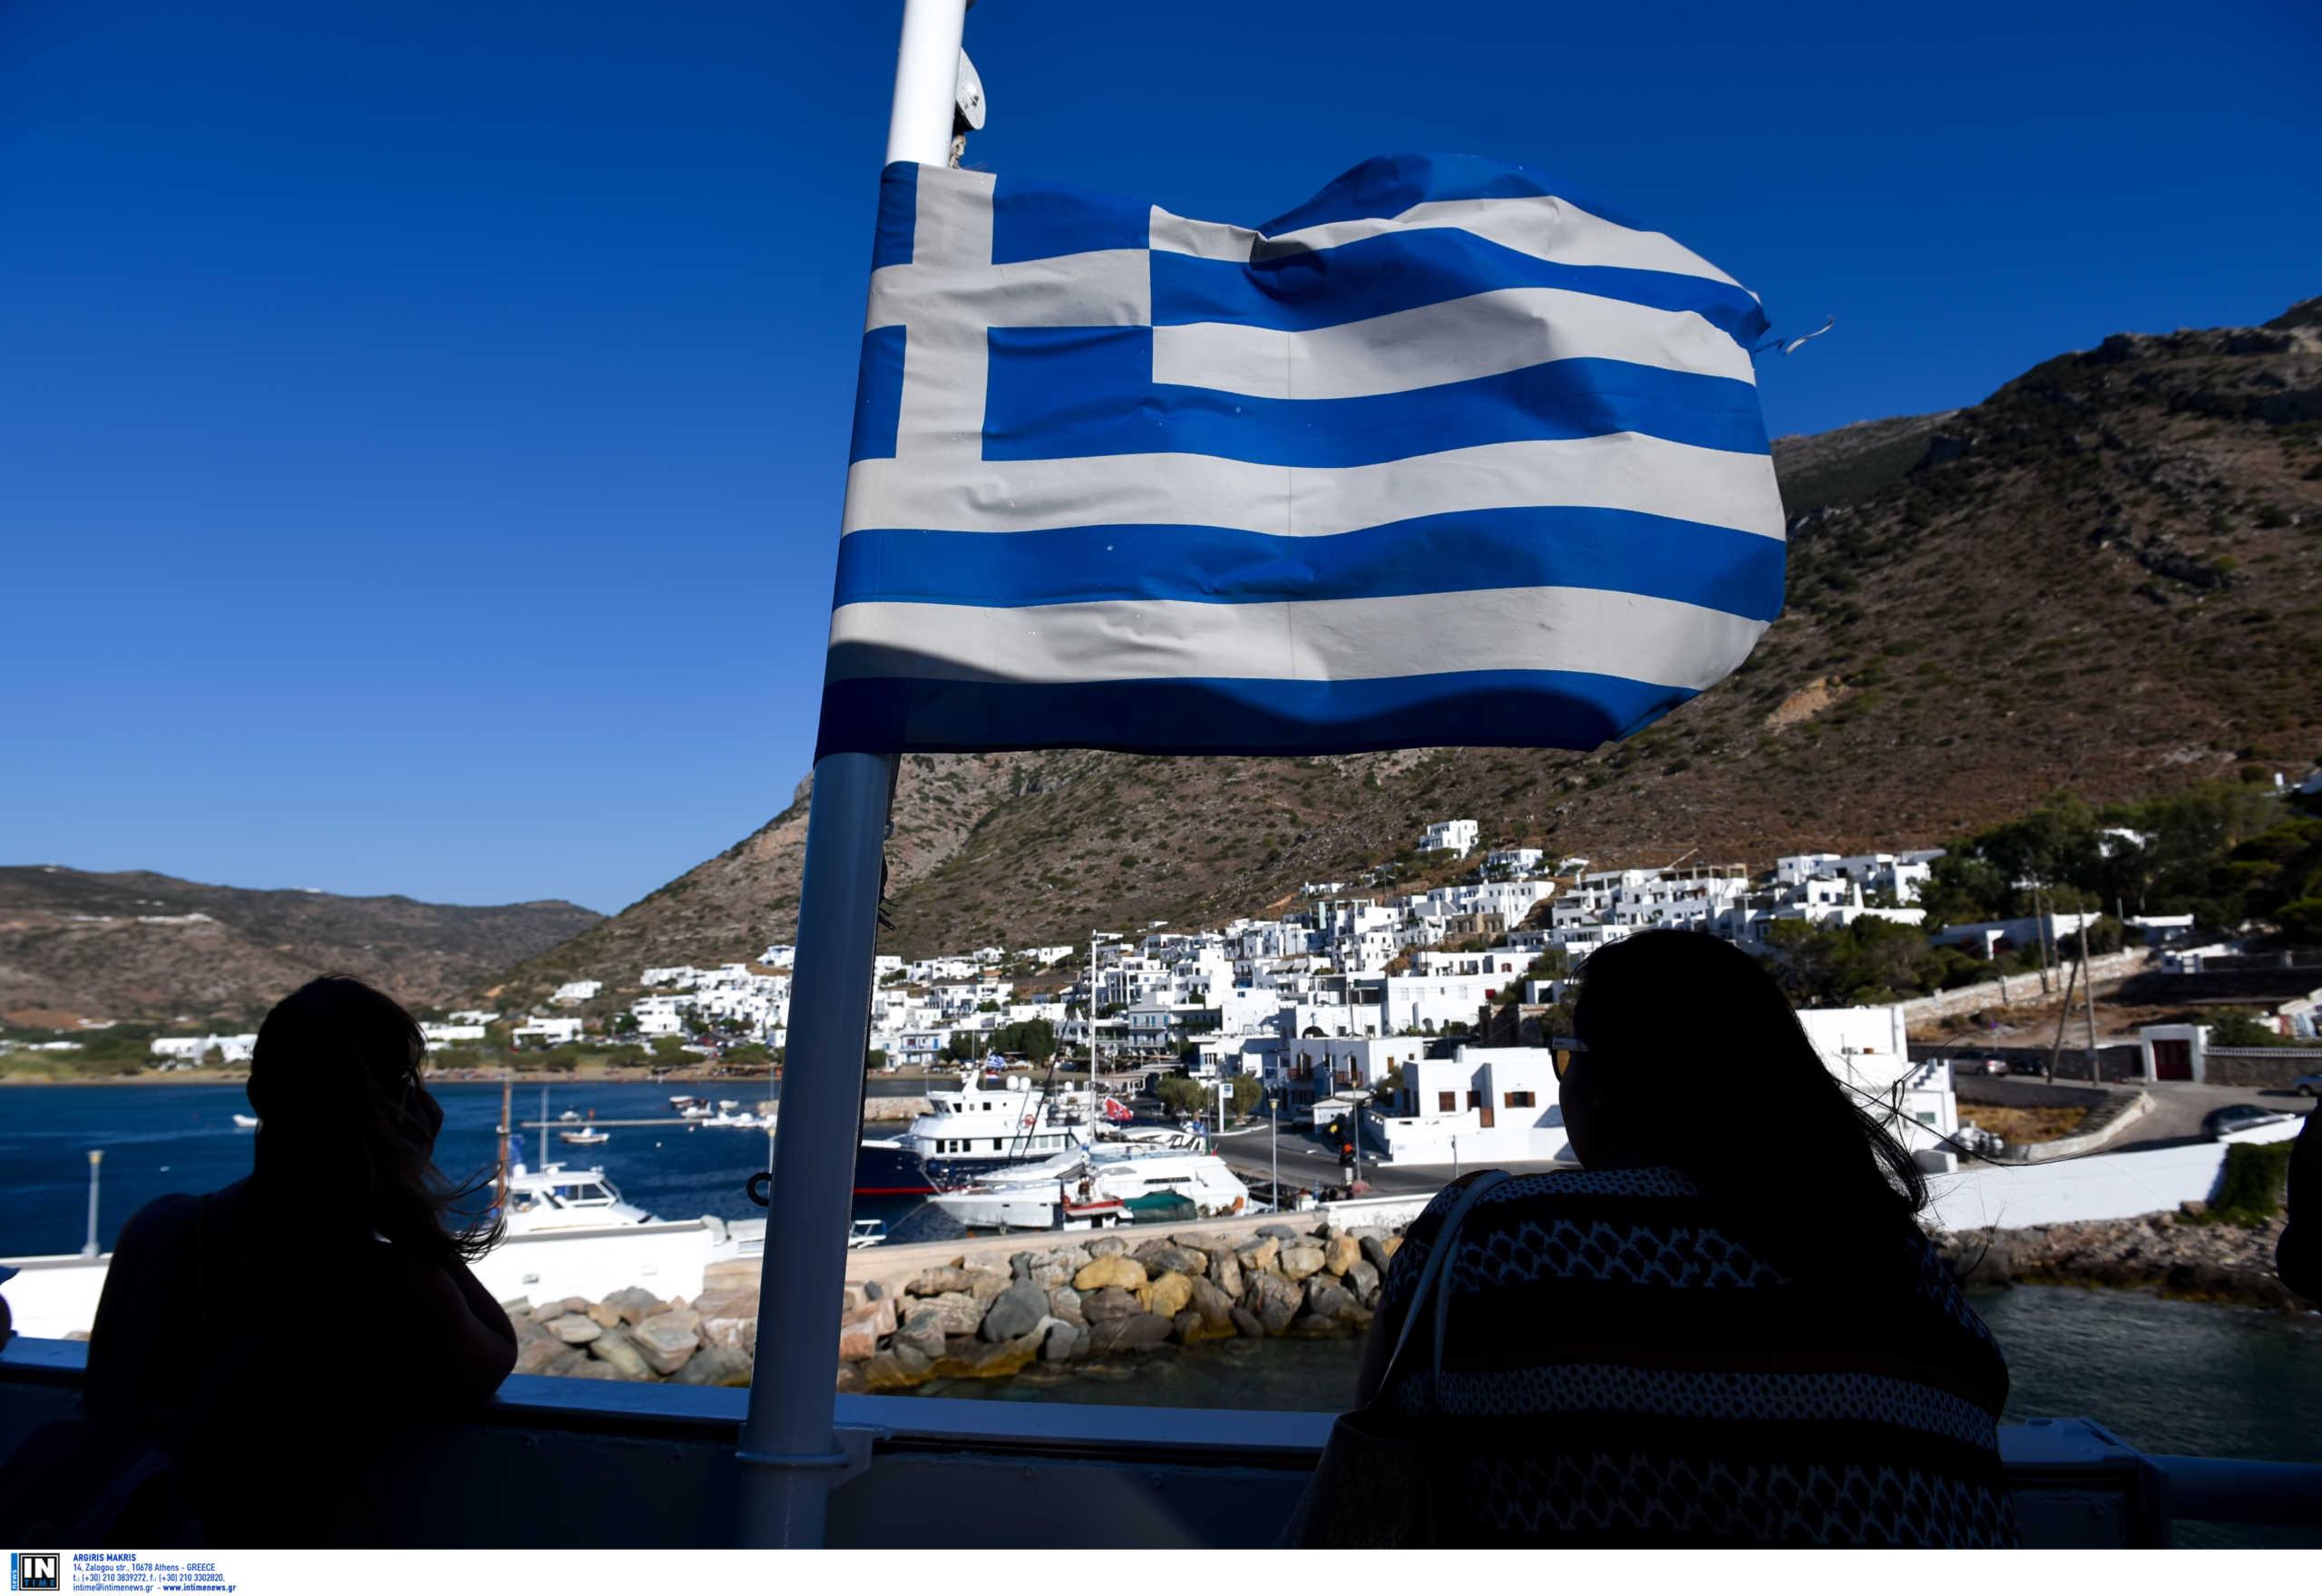 «Η Ελλάδα με τα 12 ναυτικά μίλια μεγαλώνει εδαφικά σαν να έχουμε προέκταση του εδάφους στην θάλασσα»